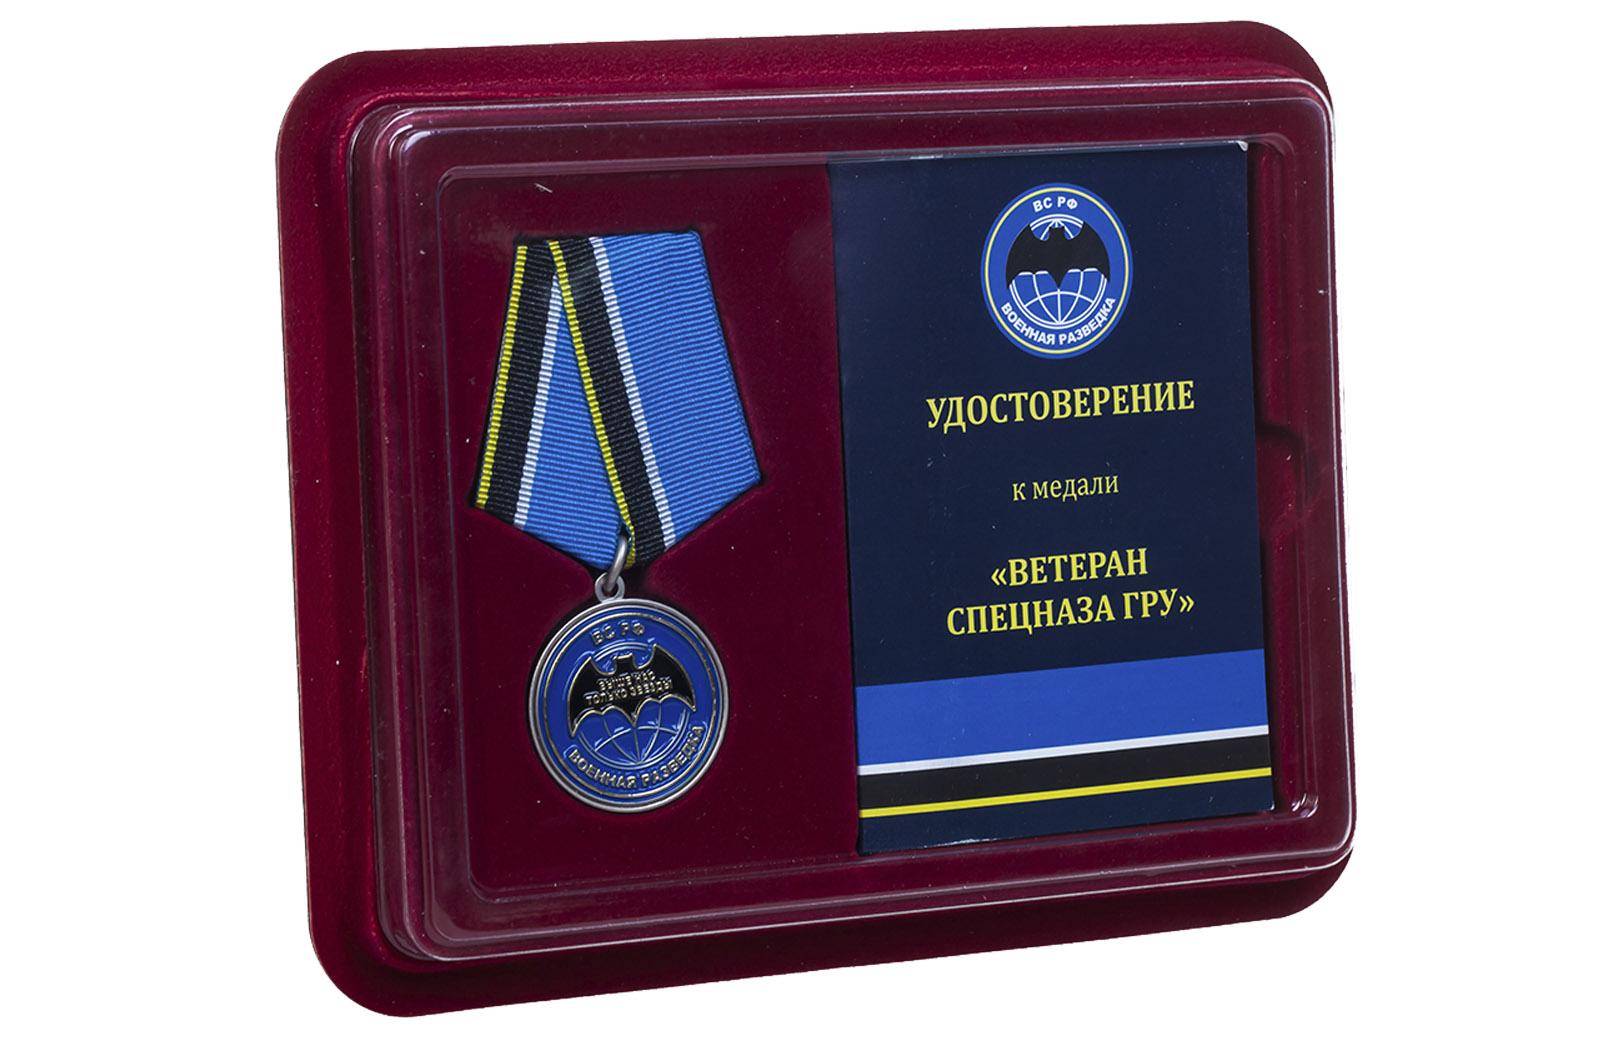 """Купить общественную медаль """"Ветеран спецназа ГРУ"""" по выгодной цене"""